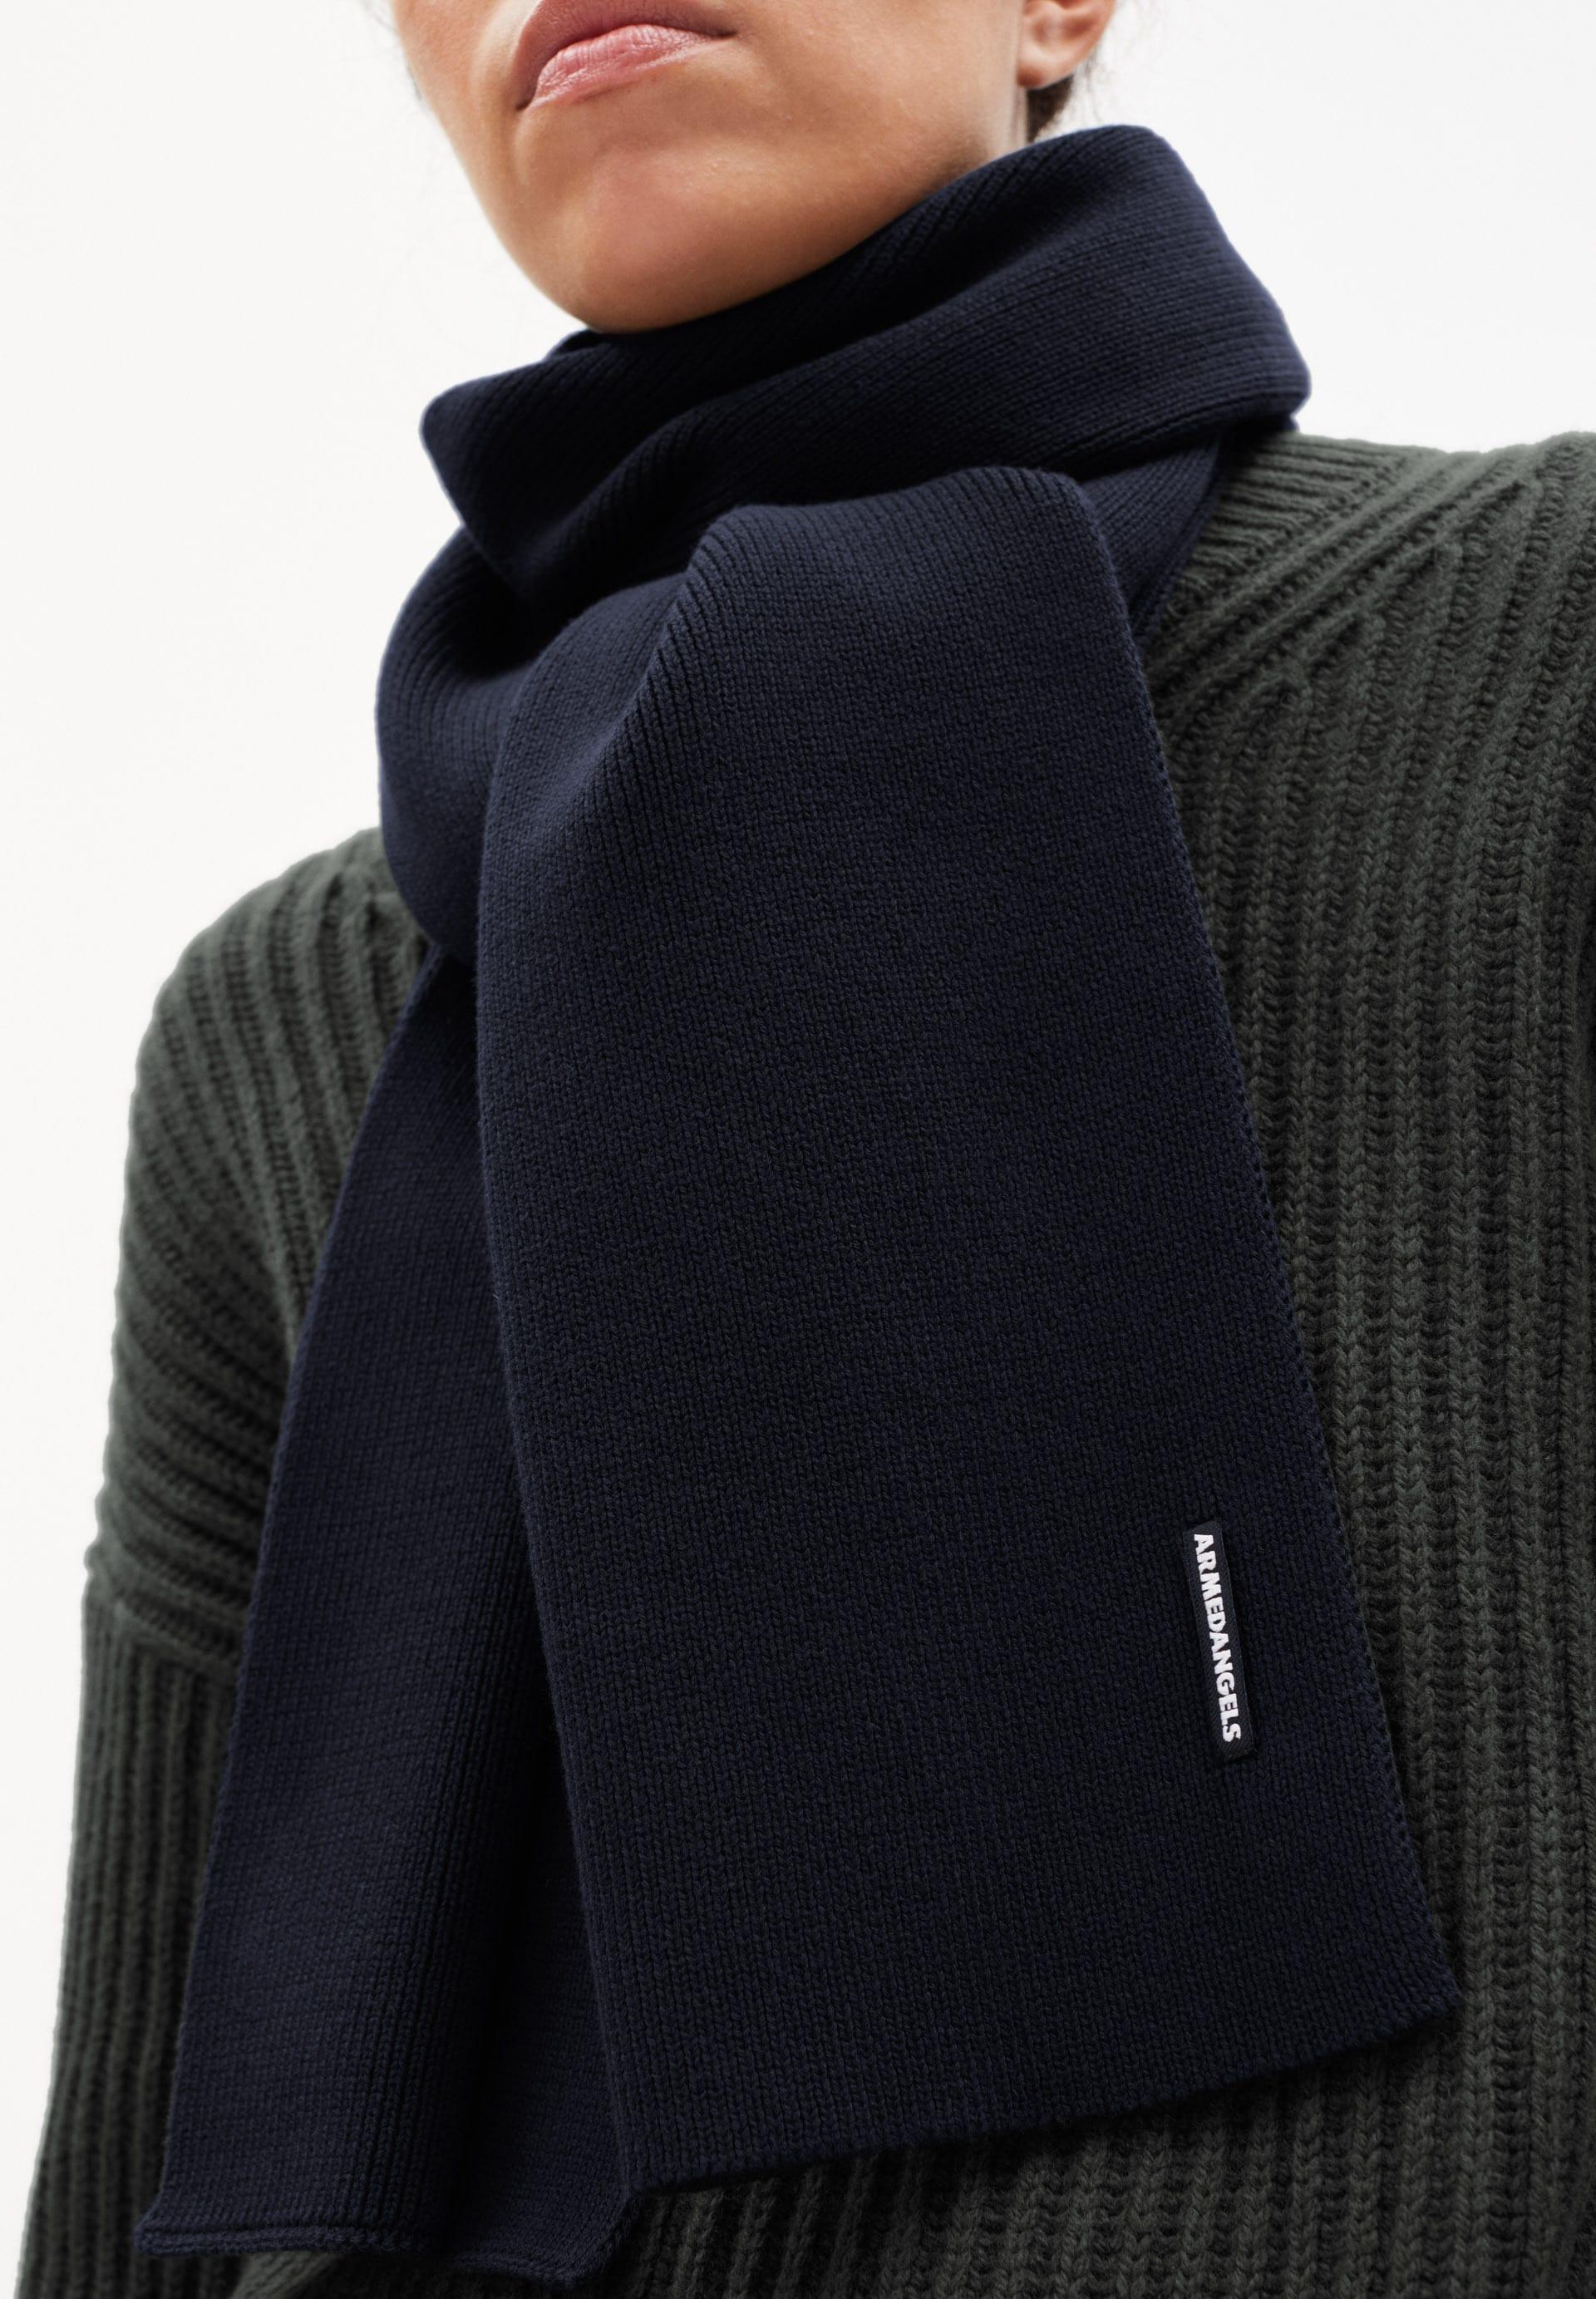 FAABERO SOFT Sjaal van biologisch katoen